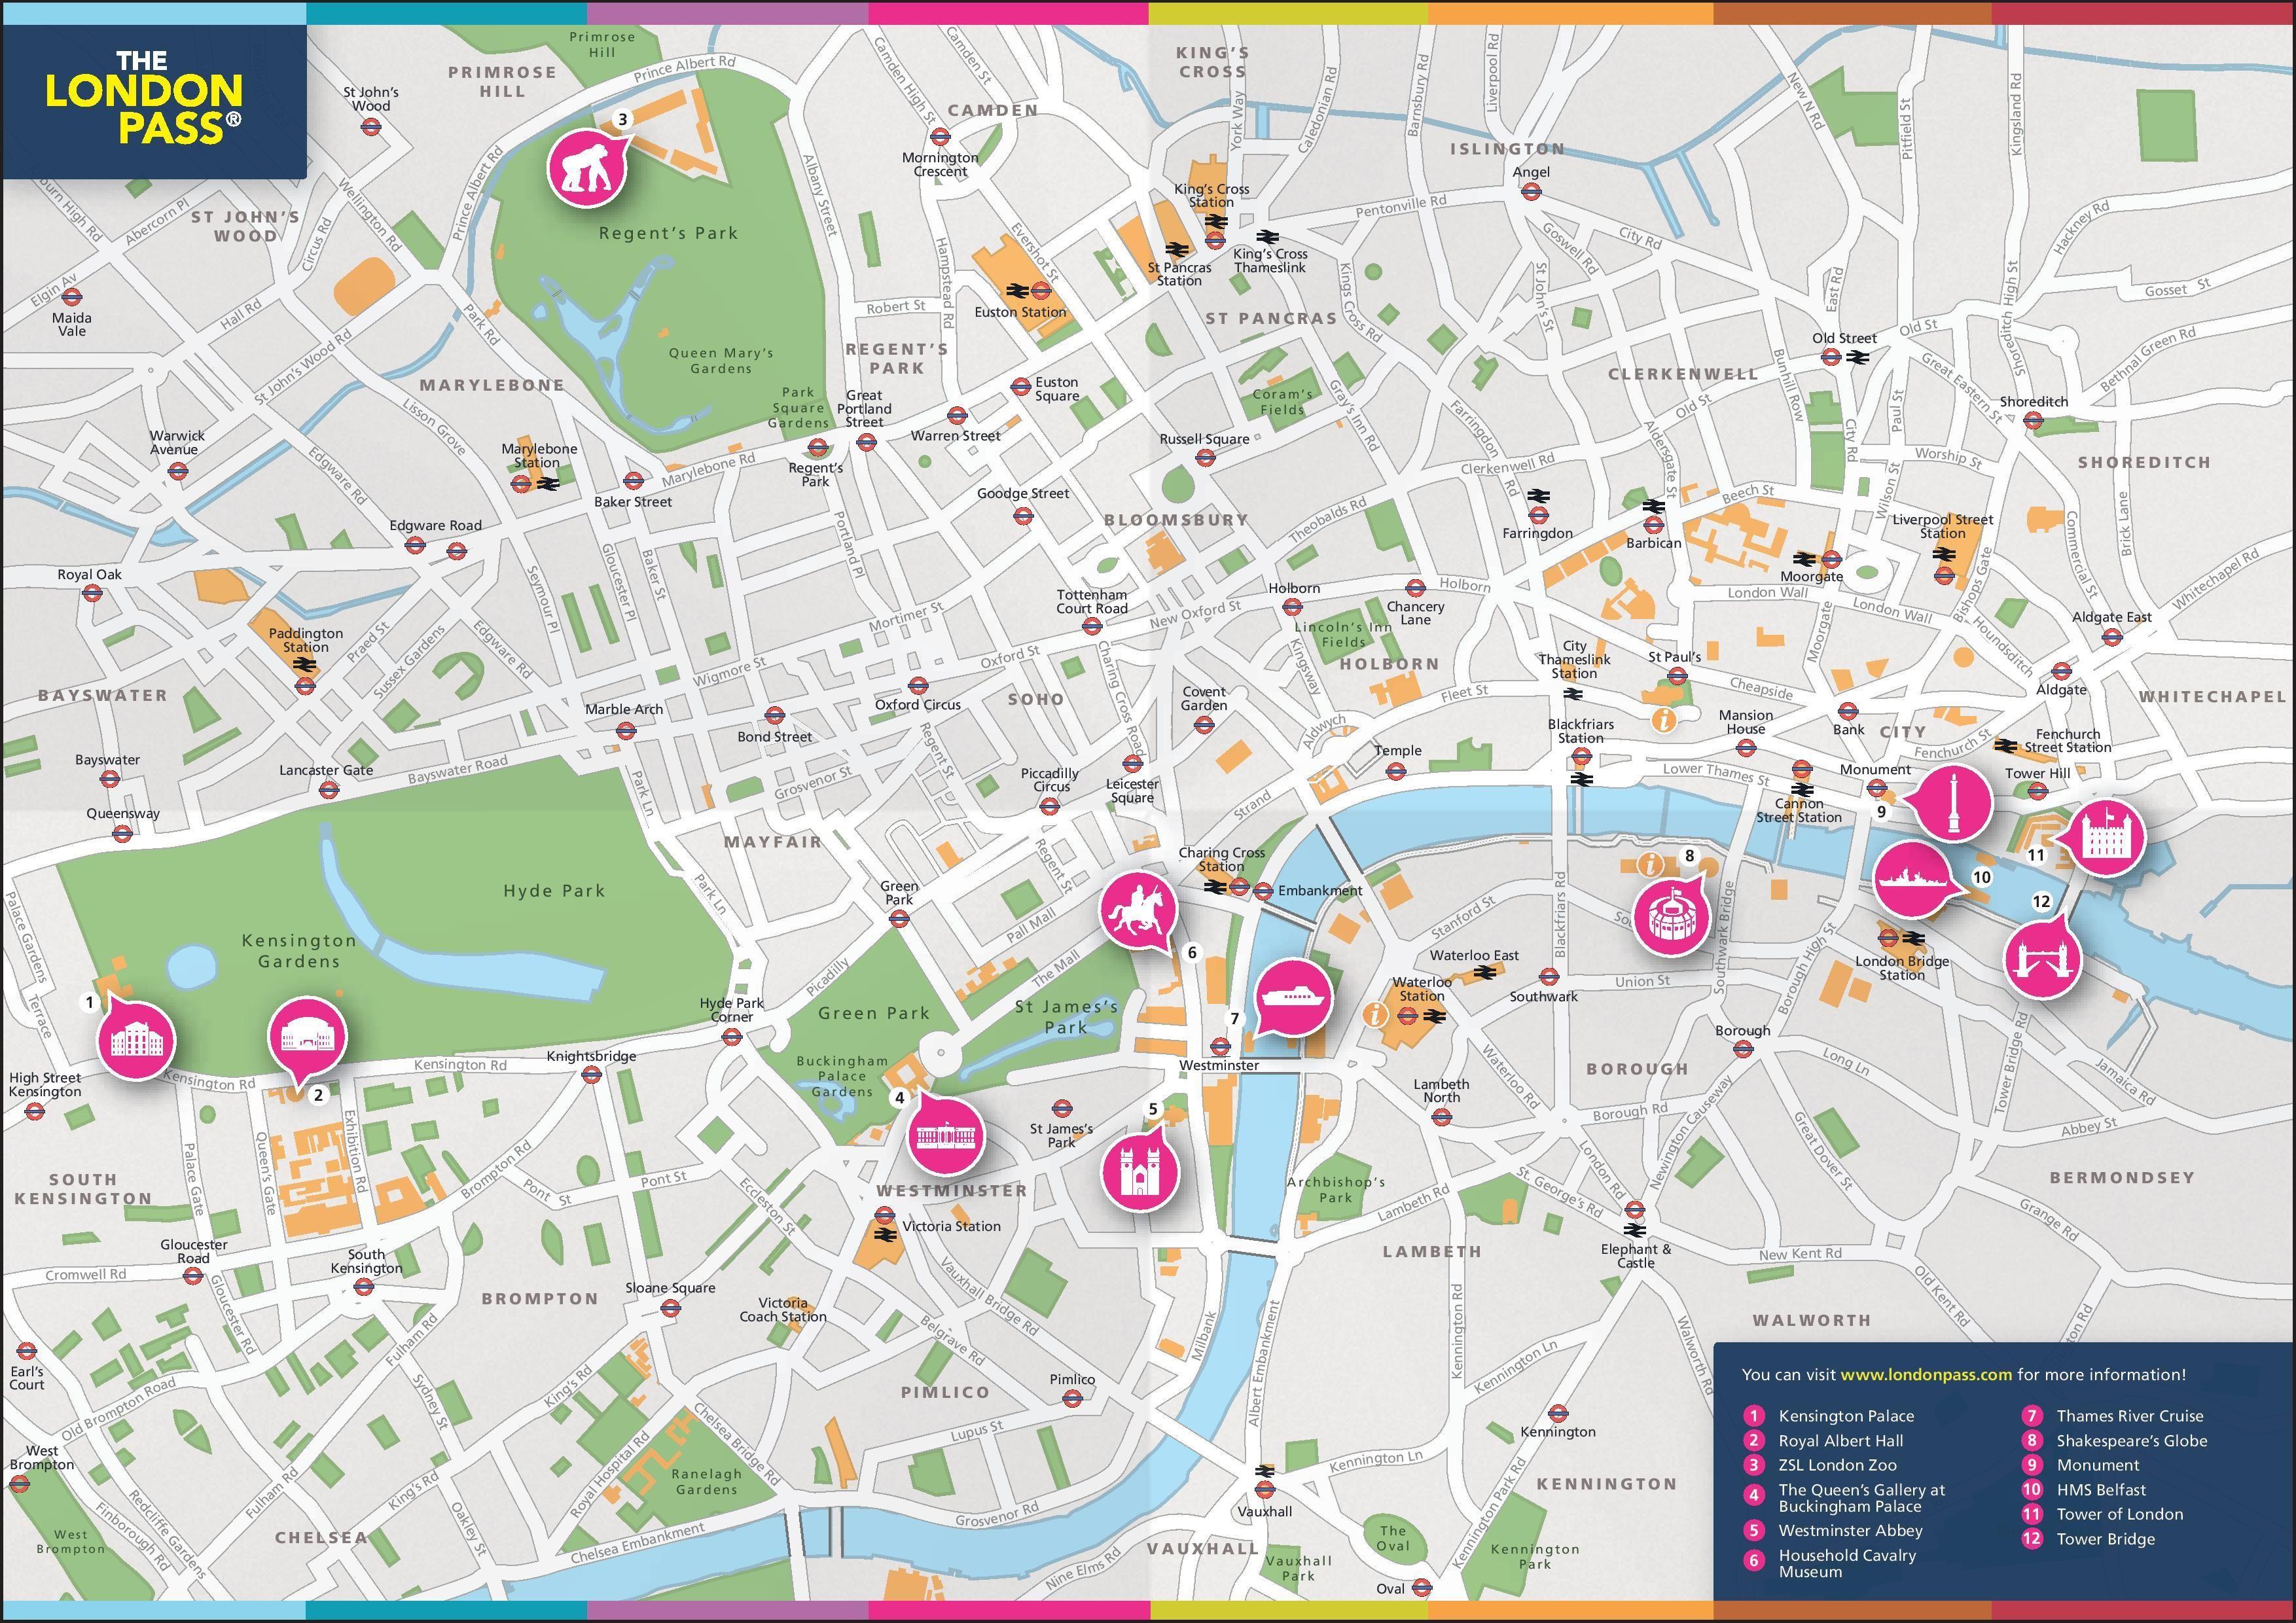 Carte De Londres A Telecharger Gratuitement En Pdf Pour Imprimer Plan Du Metro De Londres A Telecharger Carte Londres Cartes Plan De Metro